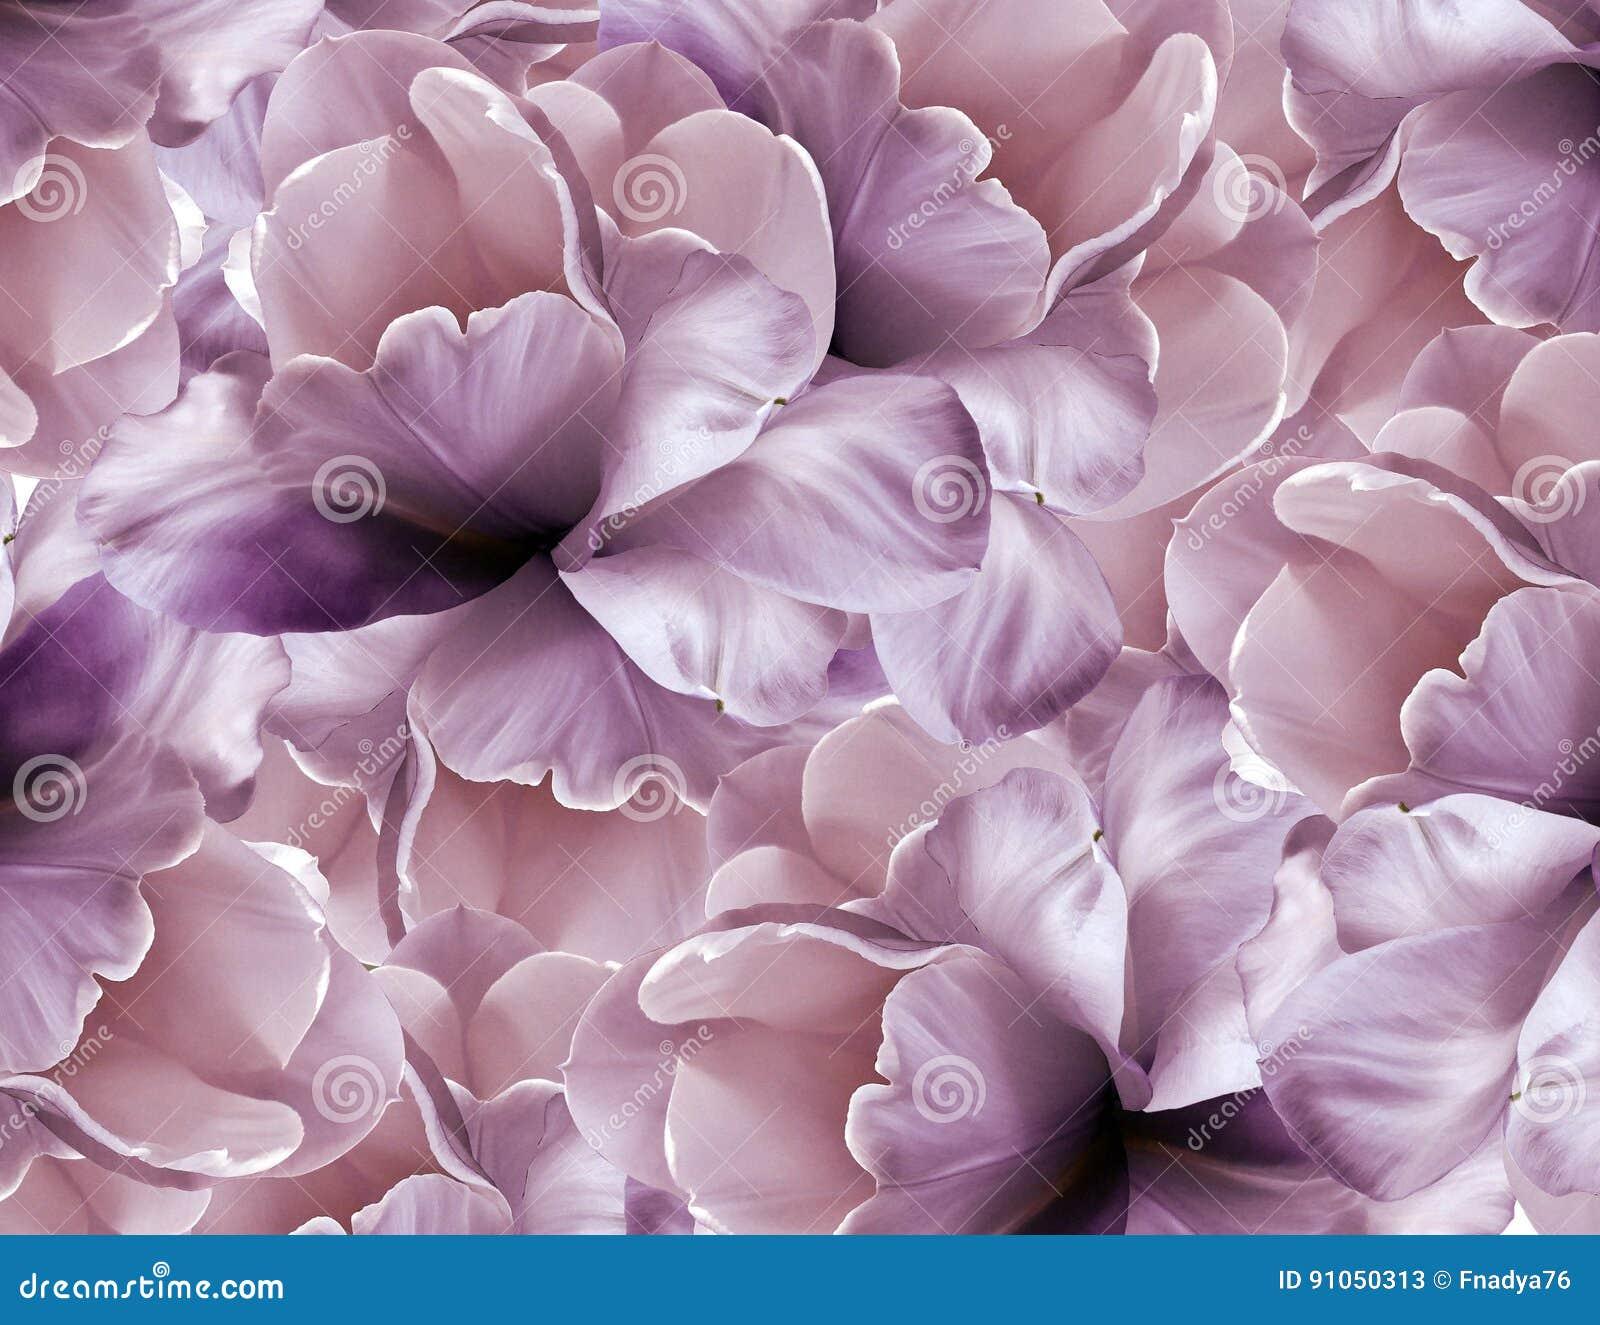 Florece el fondo rosado-violeta tulipán grande Púrpura-blanco de las flores de los pétalos collage floral Composición de la flor